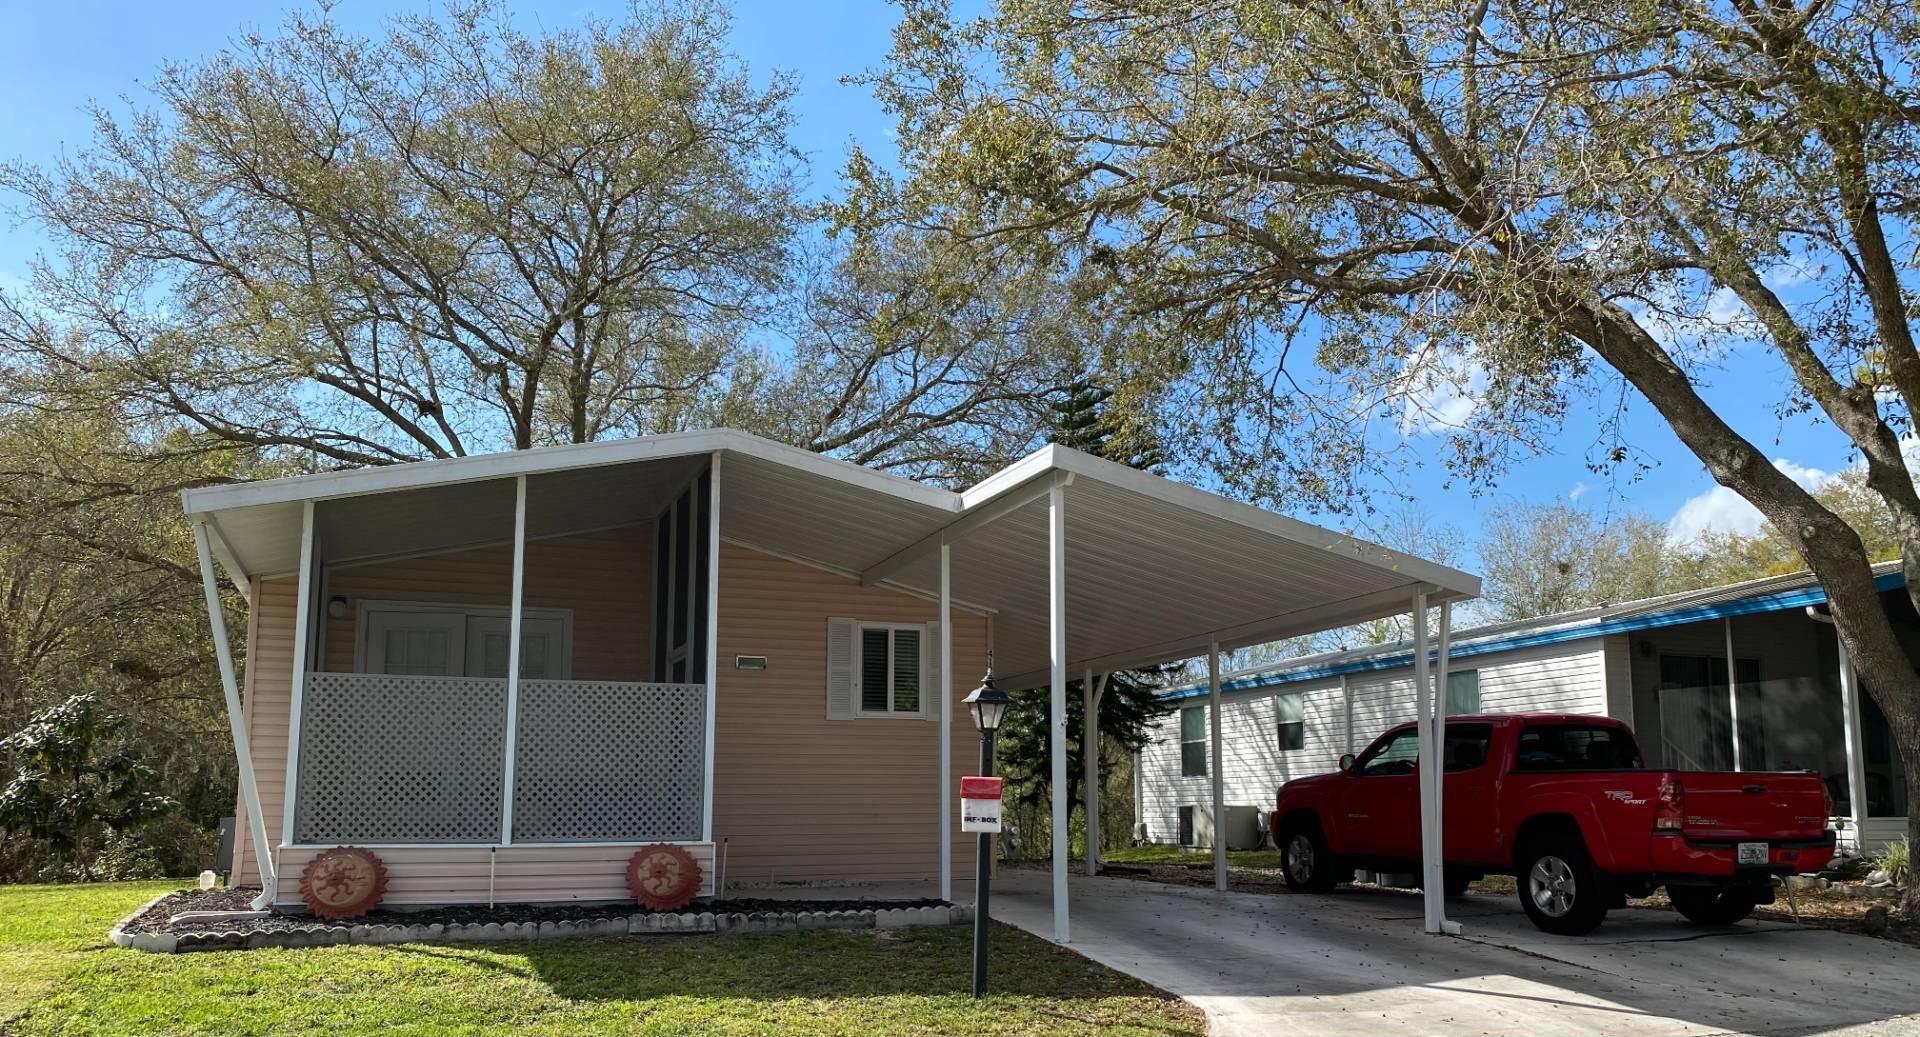 412 Choo Choo Lane, VALRICO, Florida 33594, 2 Bedrooms Bedrooms, ,2 BathroomsBathrooms,Residential,For Sale,412 Choo Choo Lane,10974390